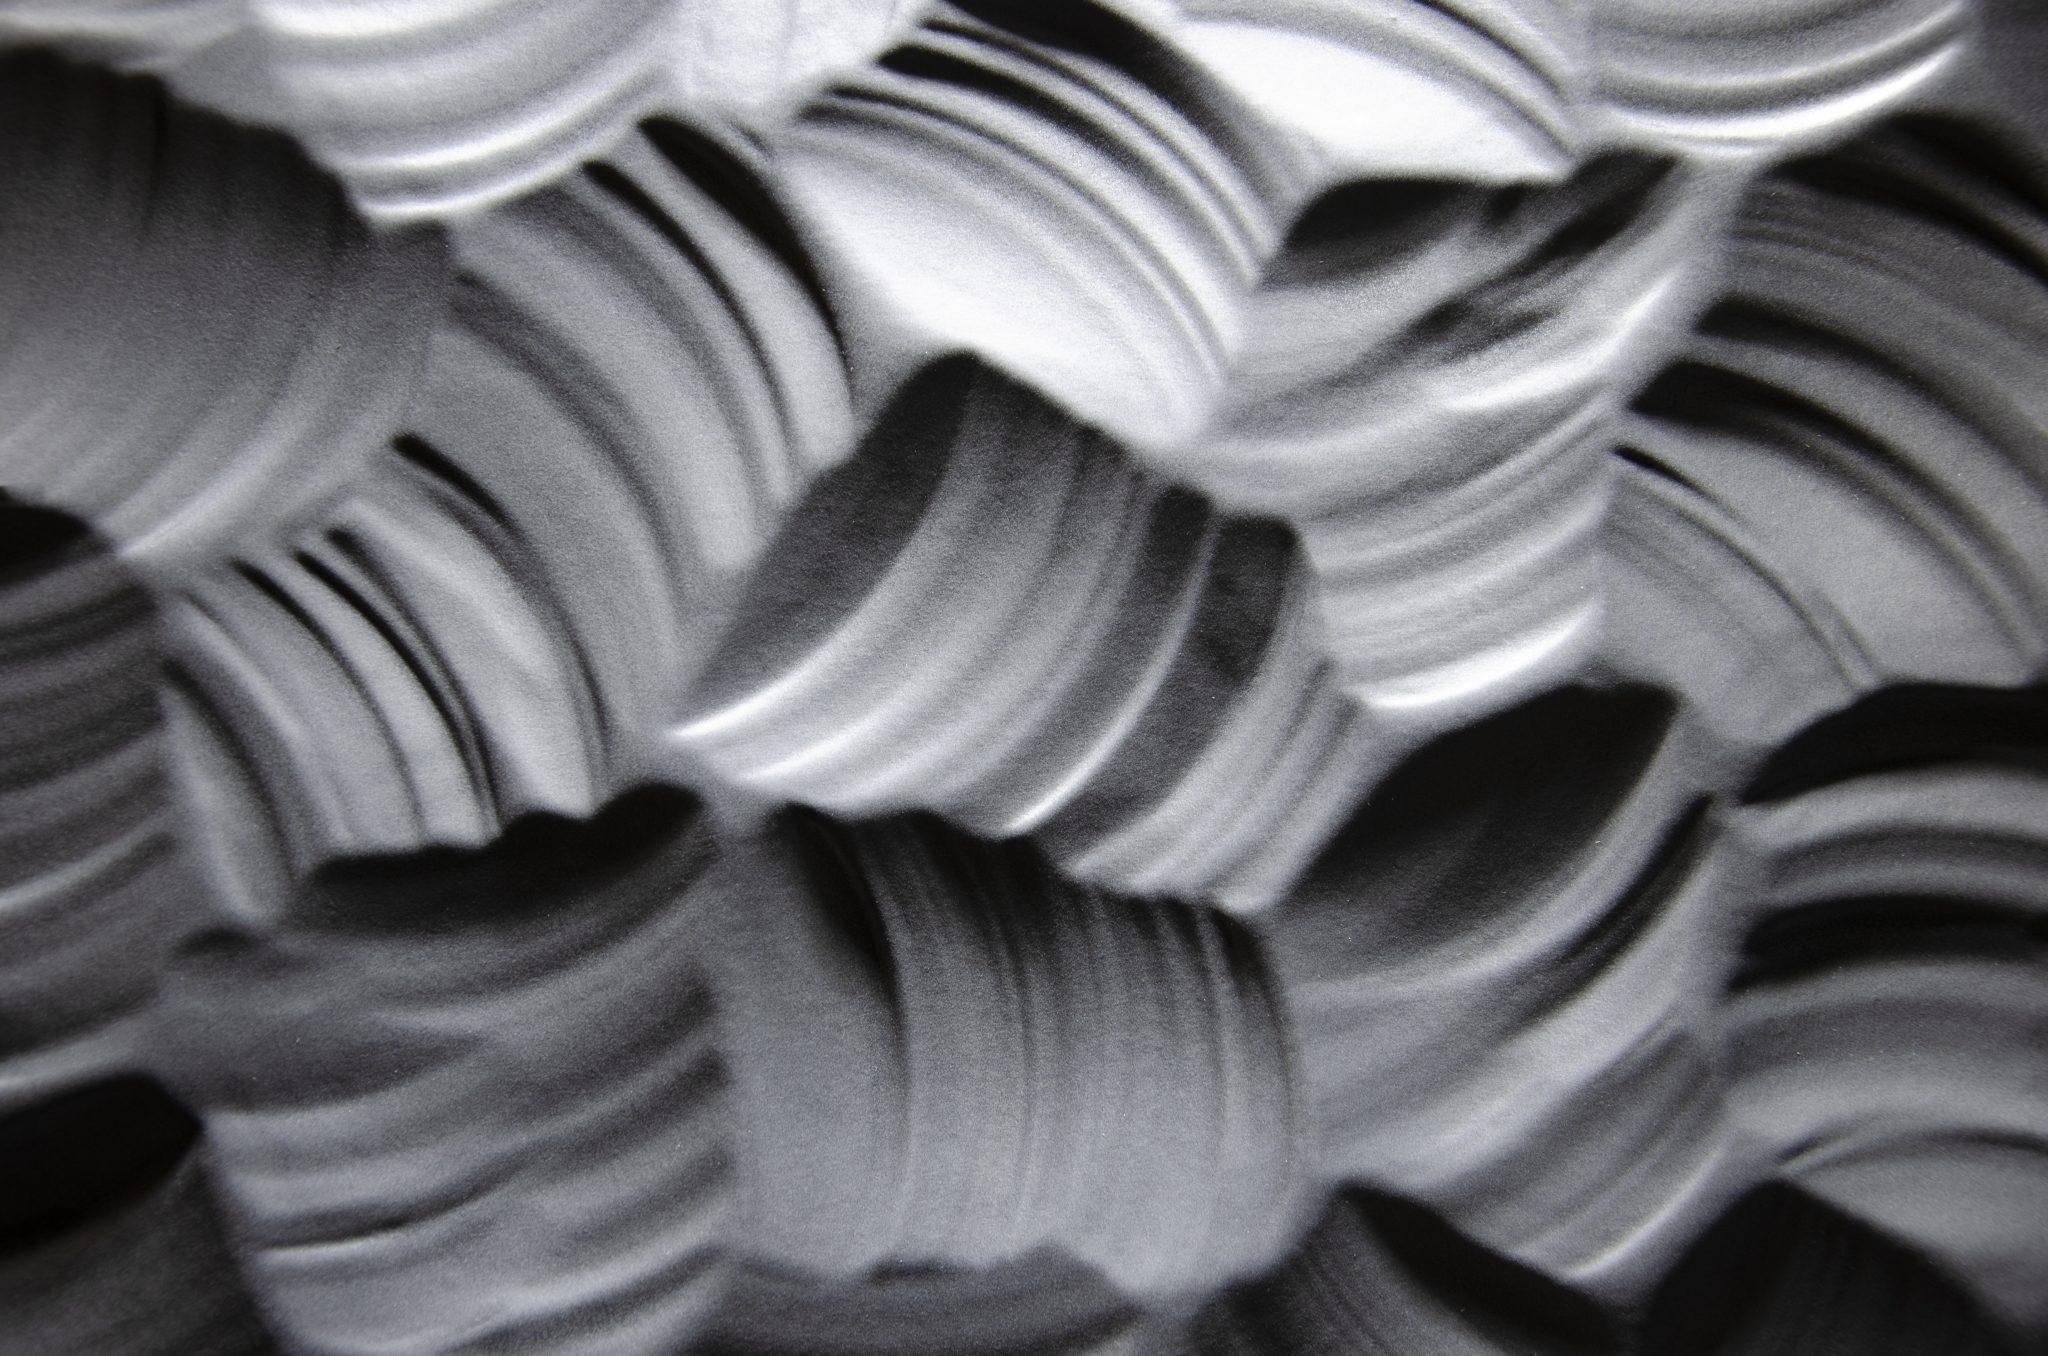 2508 - ROCKS - Silber Echtmetall